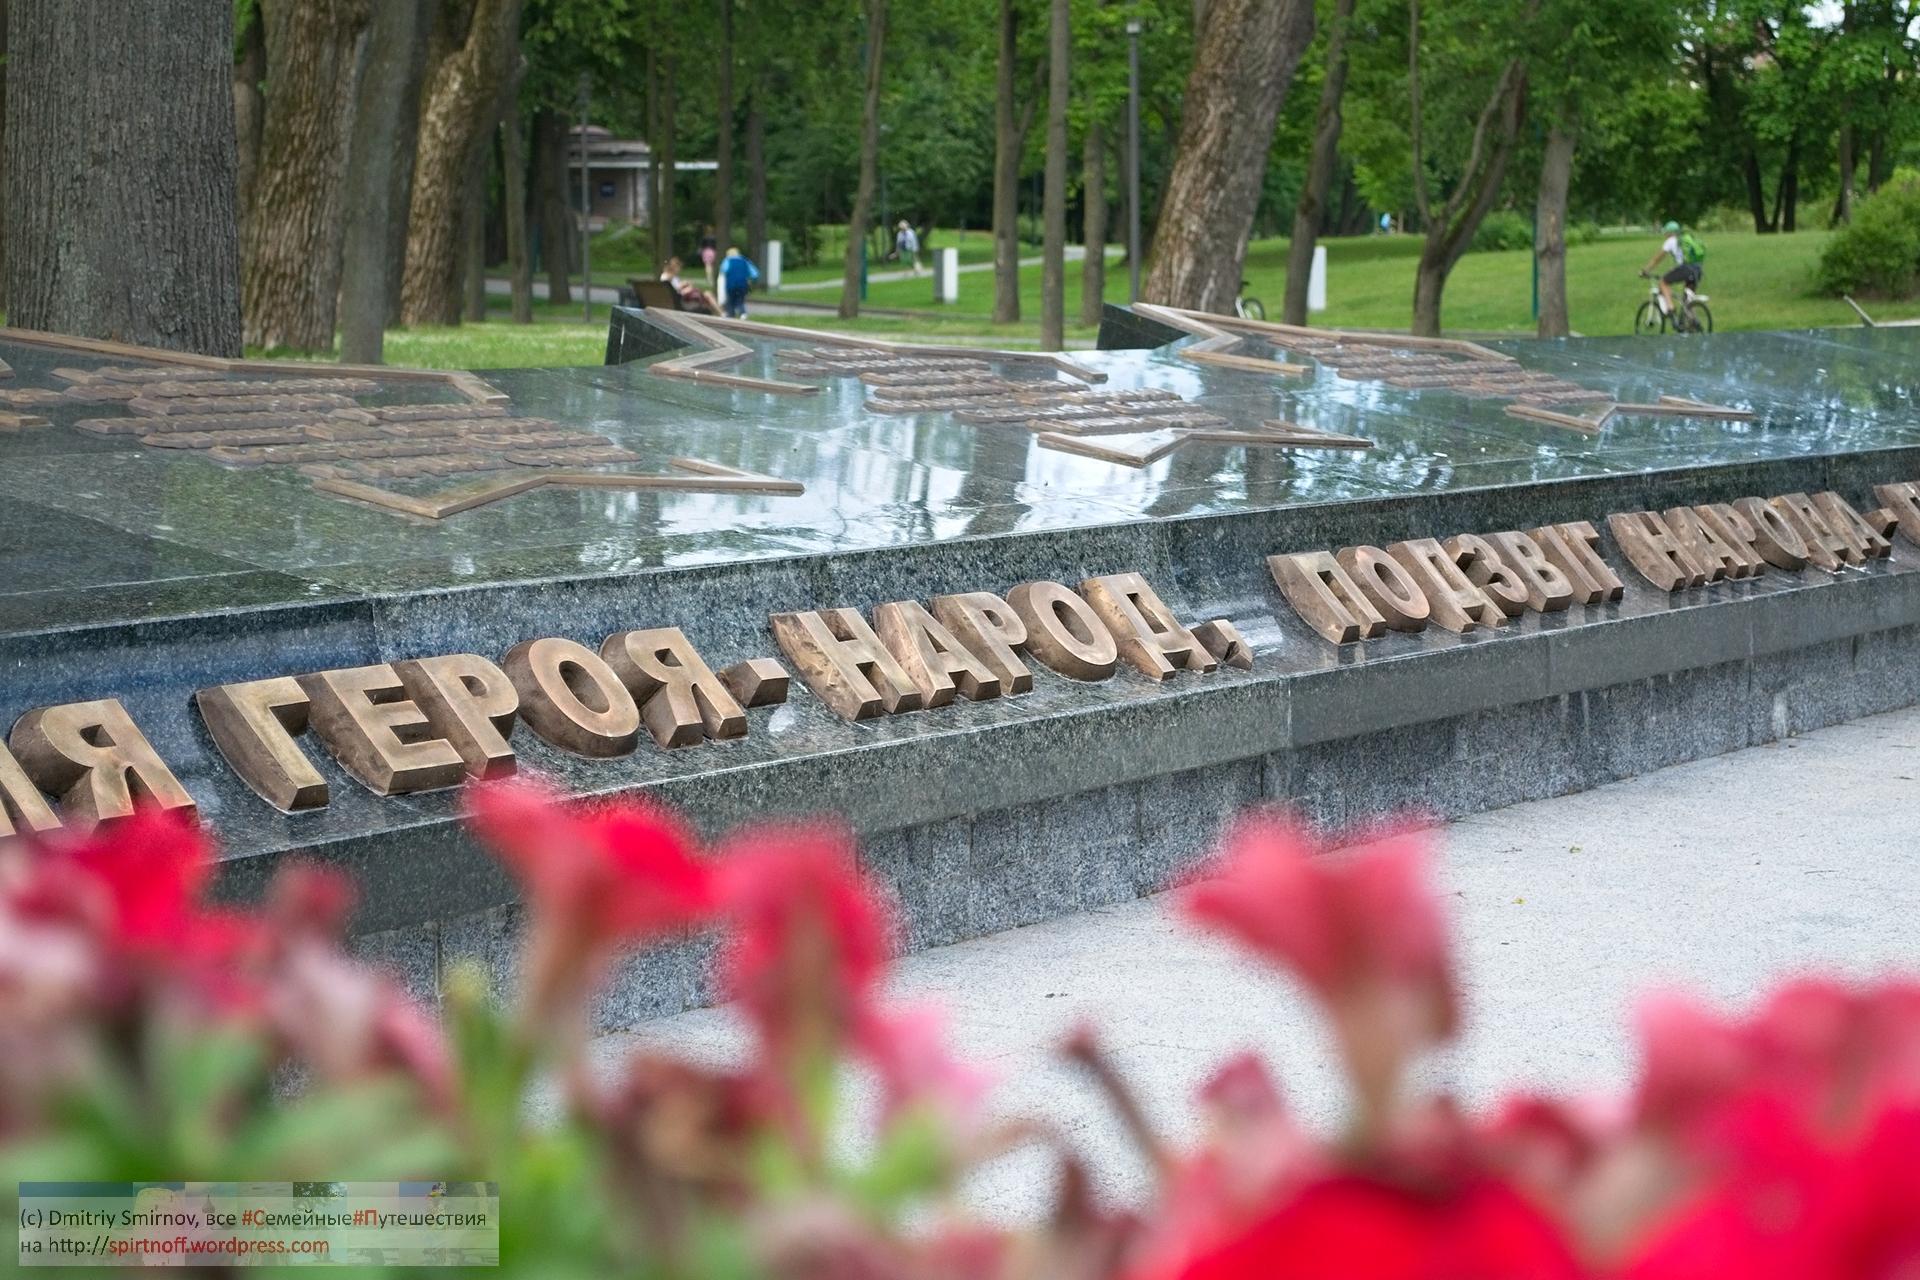 DSC_7088-27-Blog-60 Путешествия  Минск. Парк Победы